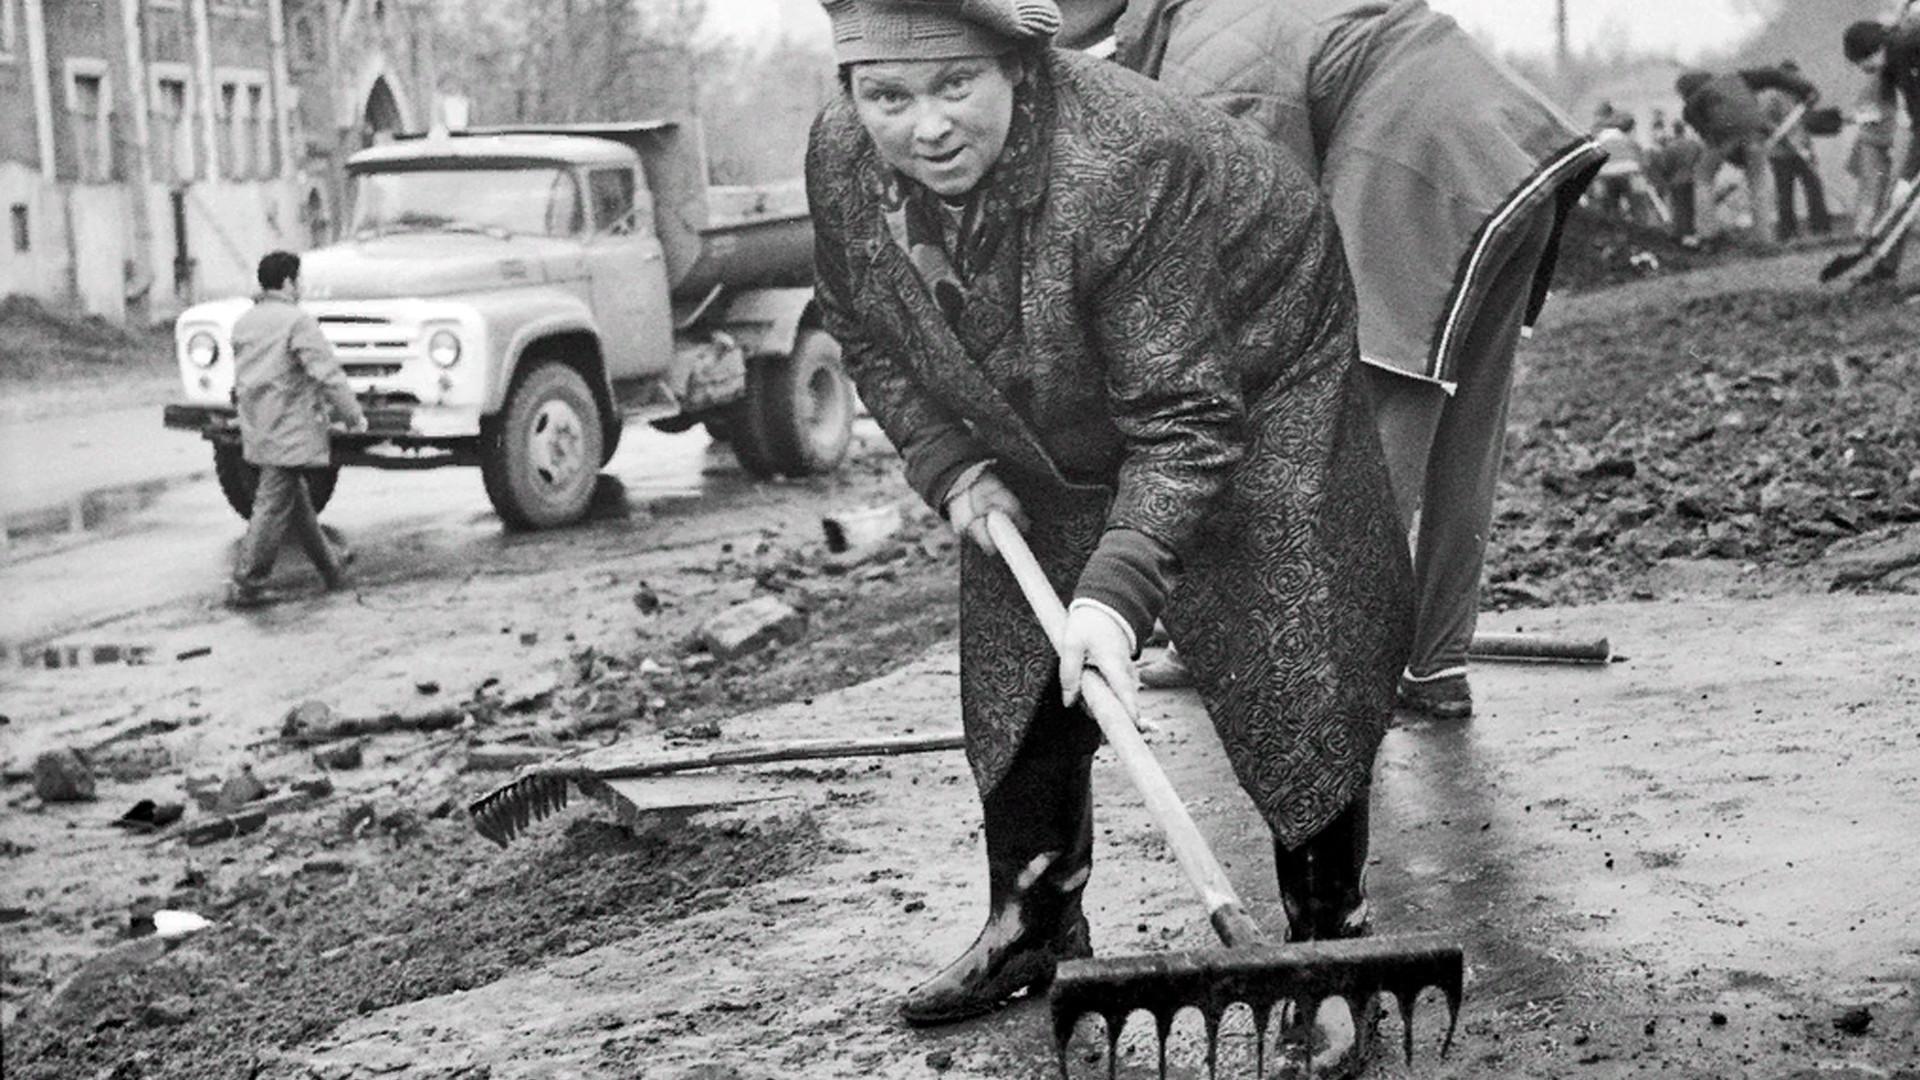 Mahasiswa dan dosen universitas Moskow melakukan subbotnik, 1975.